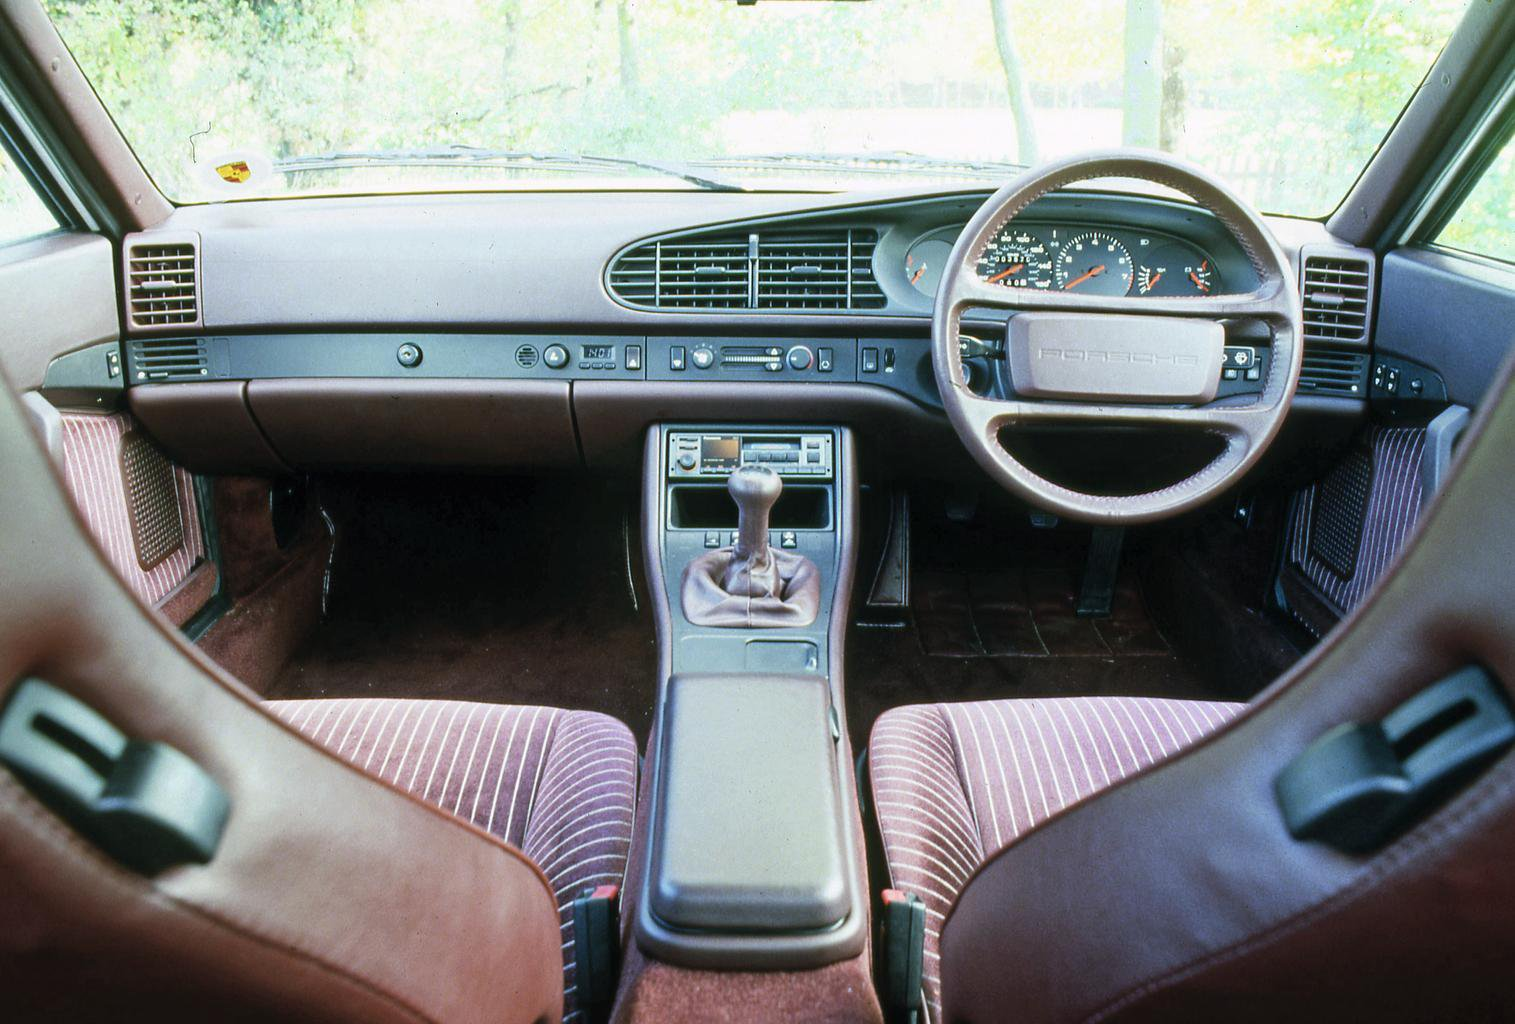 Porsche 944 dashboard